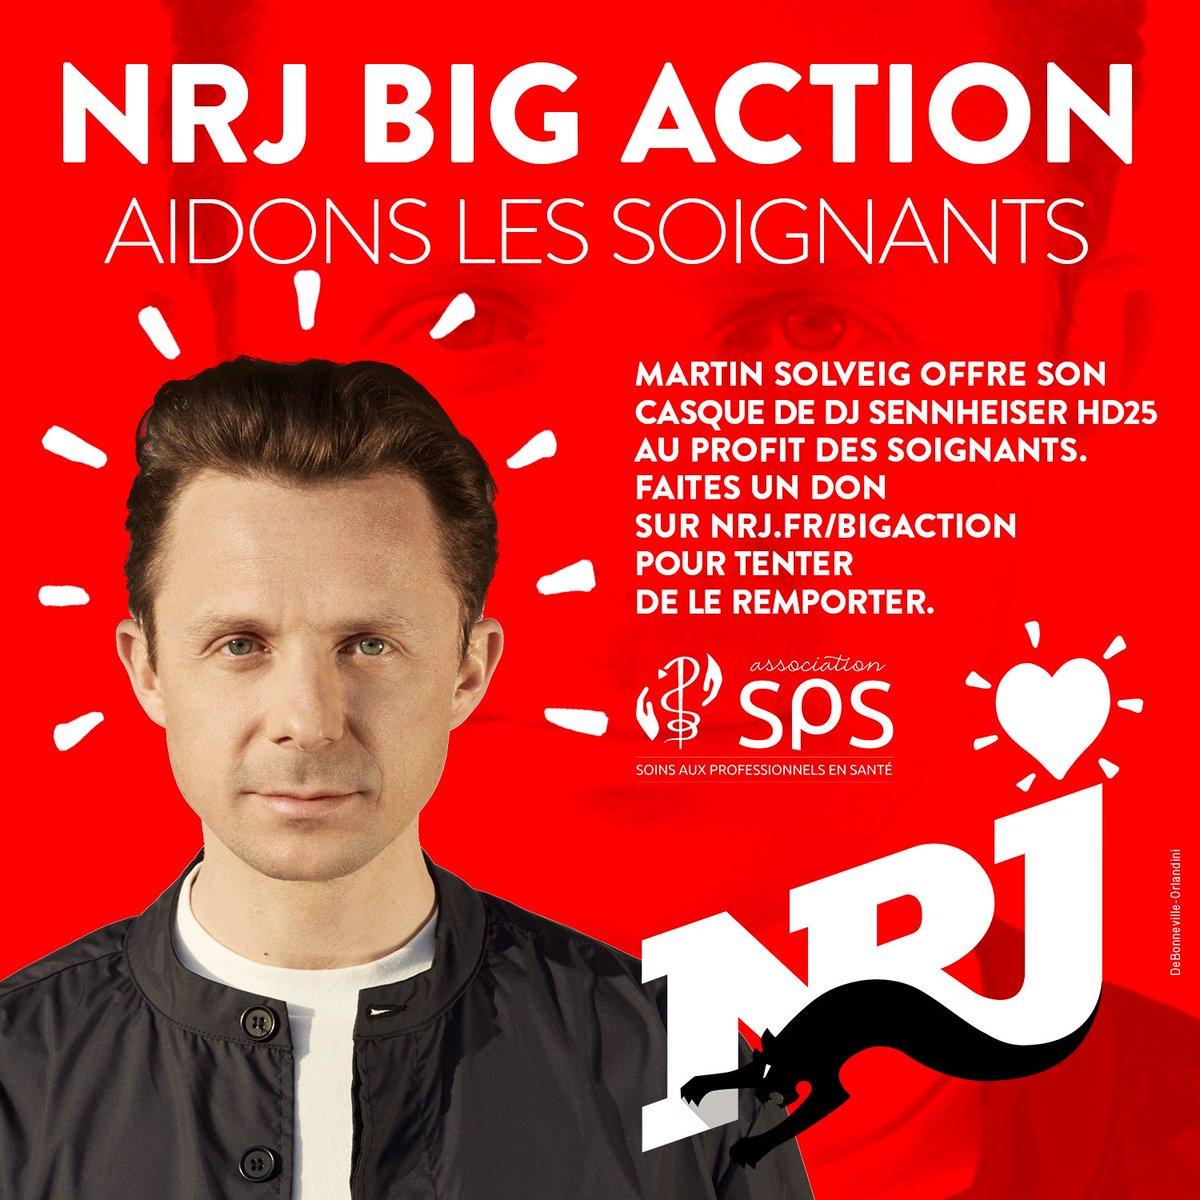 #NRJBigAction ✨ @martinsolveig était en direct avec @cauetofficiel  📞 Il vient d'offrir son casque de DJ (Sennheiser HD25) 🔥🎧 Soutenez les soignants et tentez de le remporter, en faisant un don pour l'association SPS sur  👈